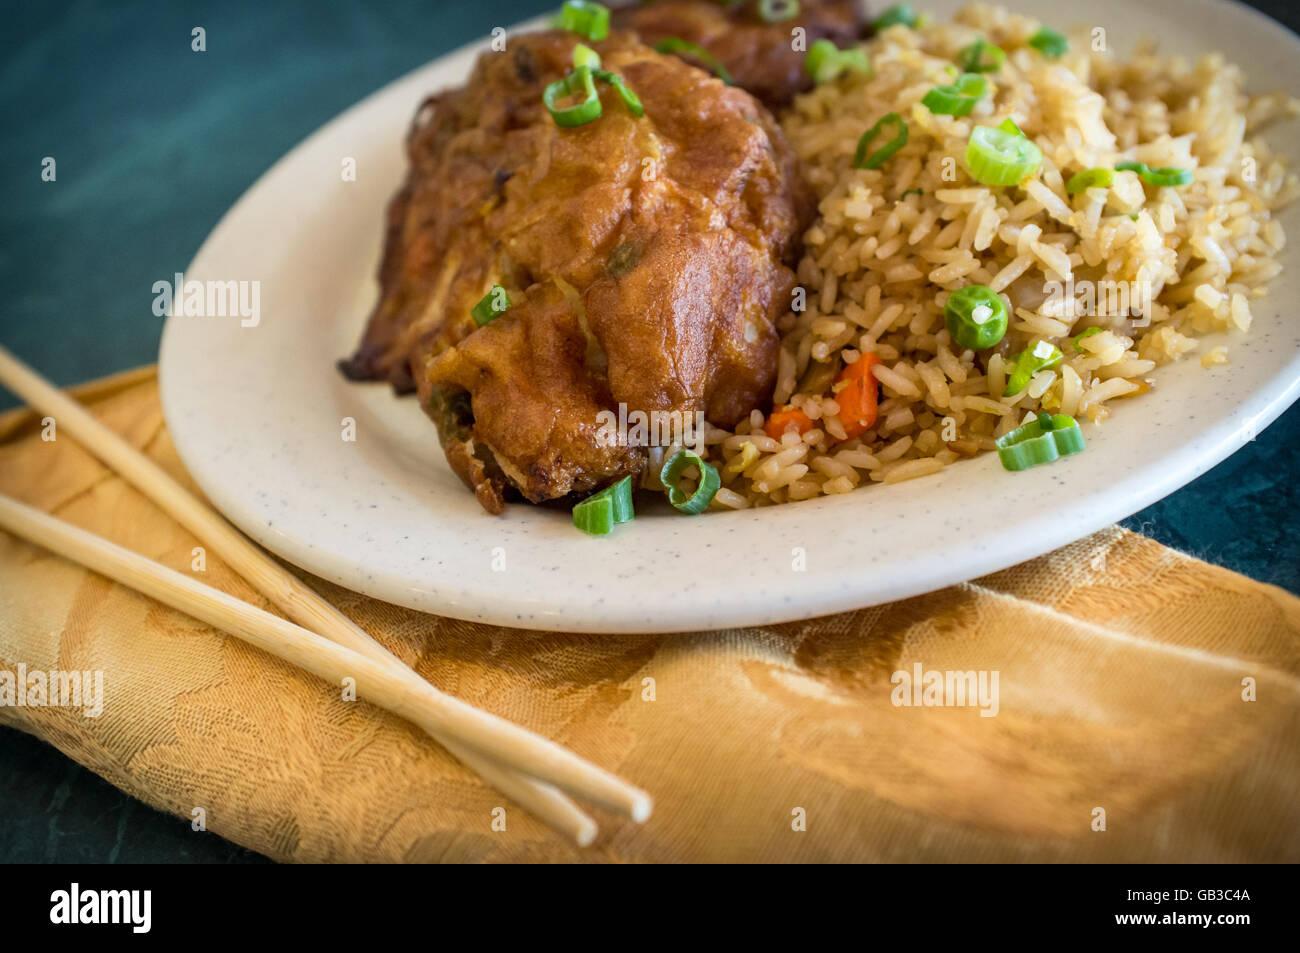 Ei Fu Stockfotos und -bilder Kaufen - Alamy